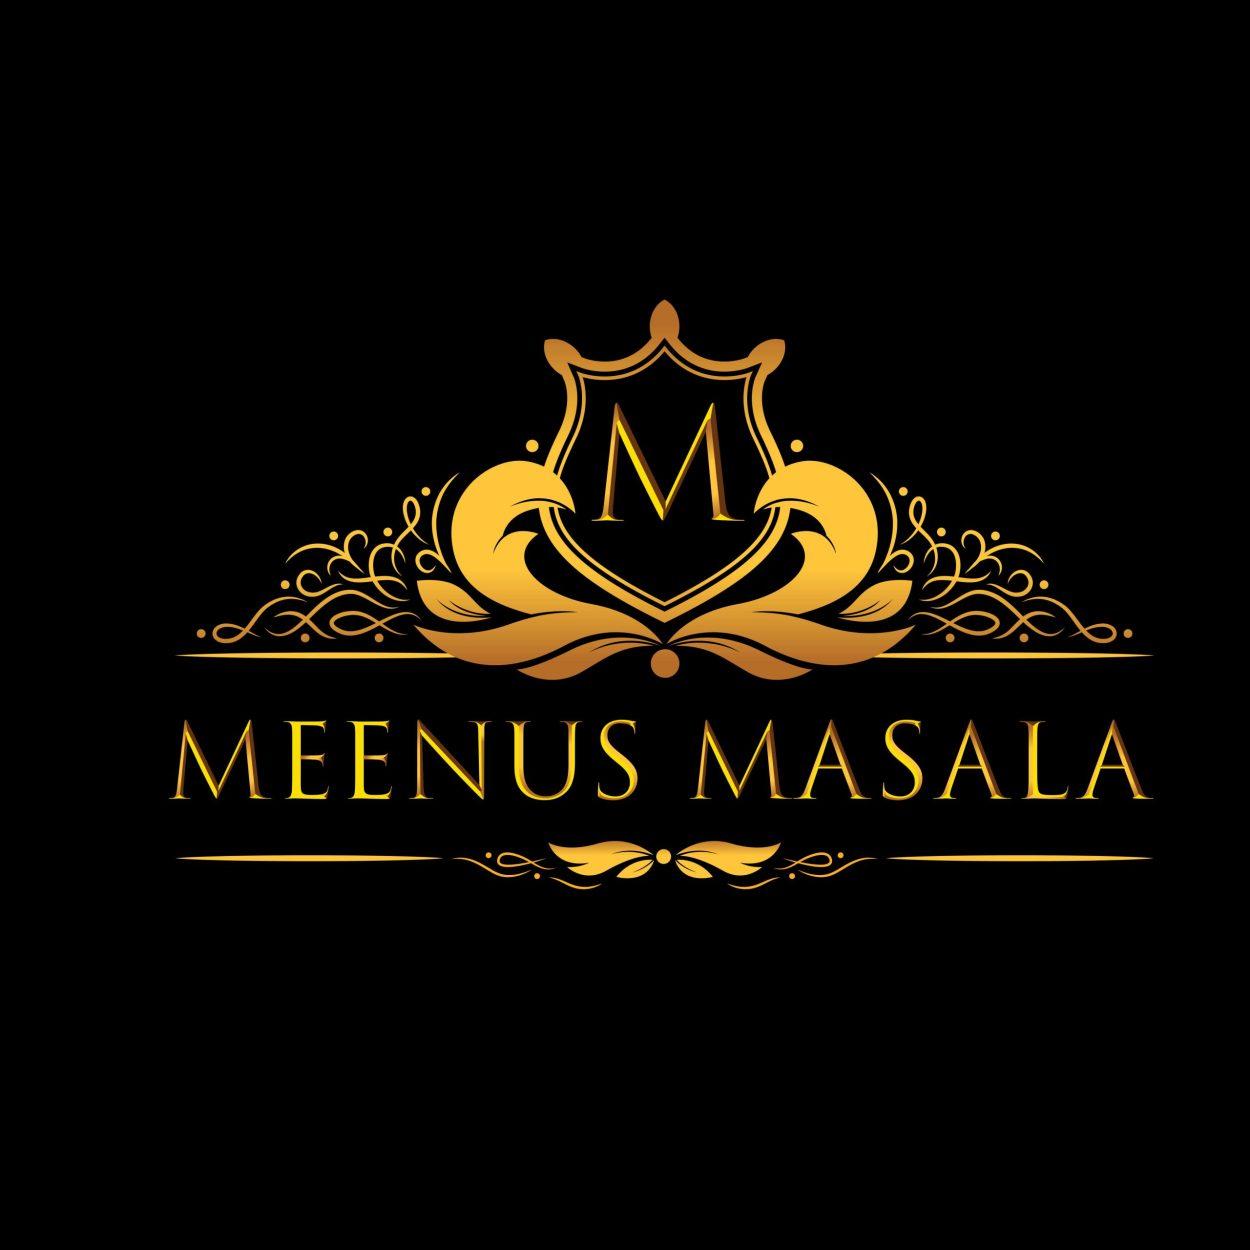 sod dev - logo- Meenus Masala logo (7)